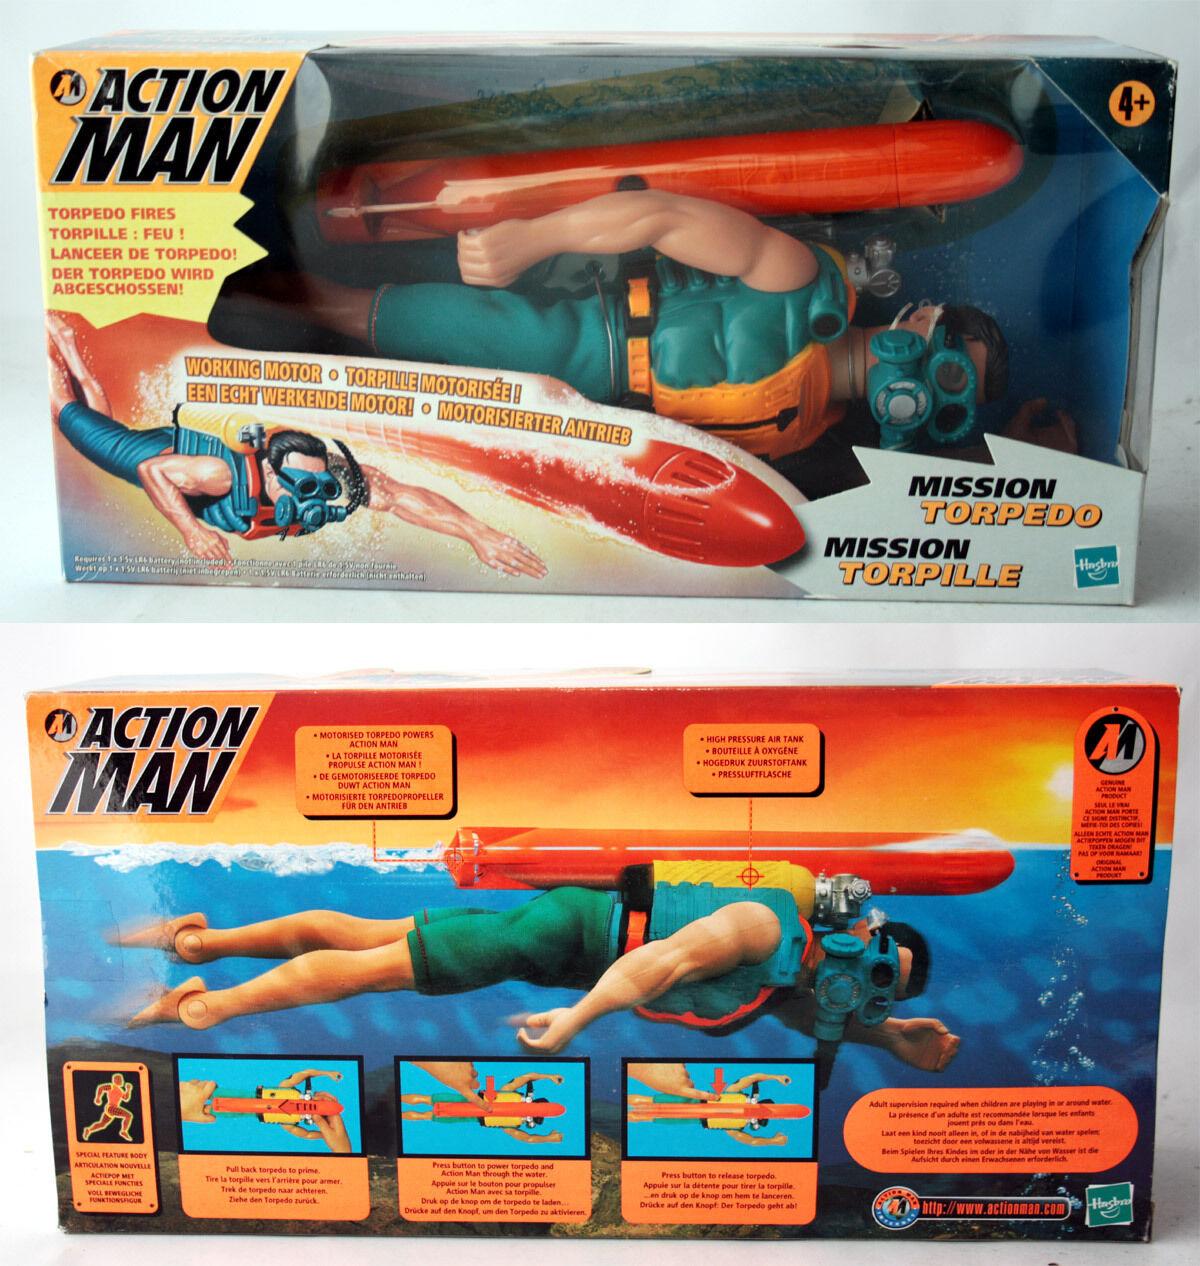 Muy Raro 1999 Figura De Acción Hombre misión Torpedo de trabajo motor Hasbro Nuevo Y En Caja Sellada